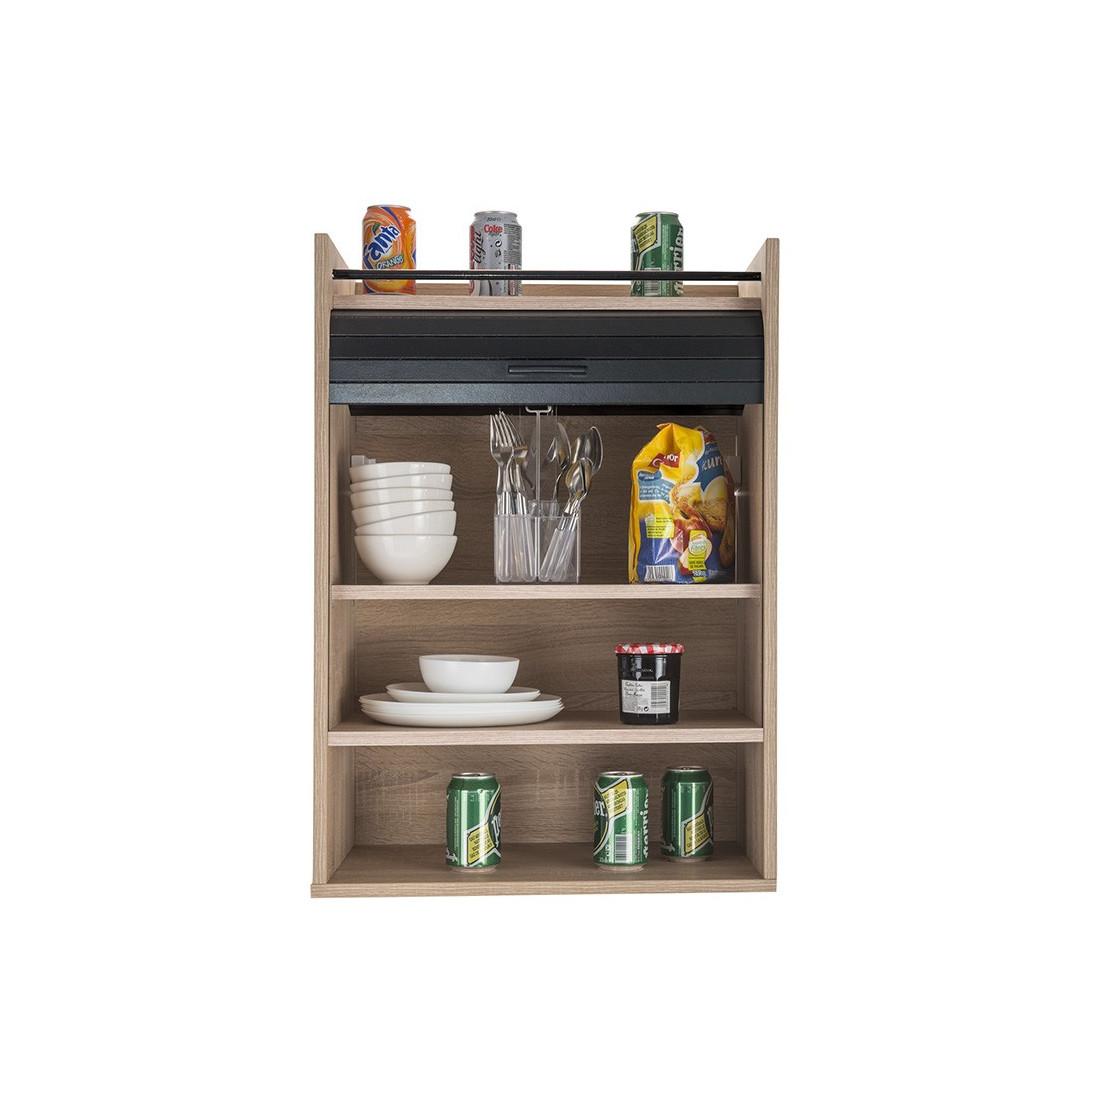 meuble rangement de cuisine rideau bois noir luke. Black Bedroom Furniture Sets. Home Design Ideas